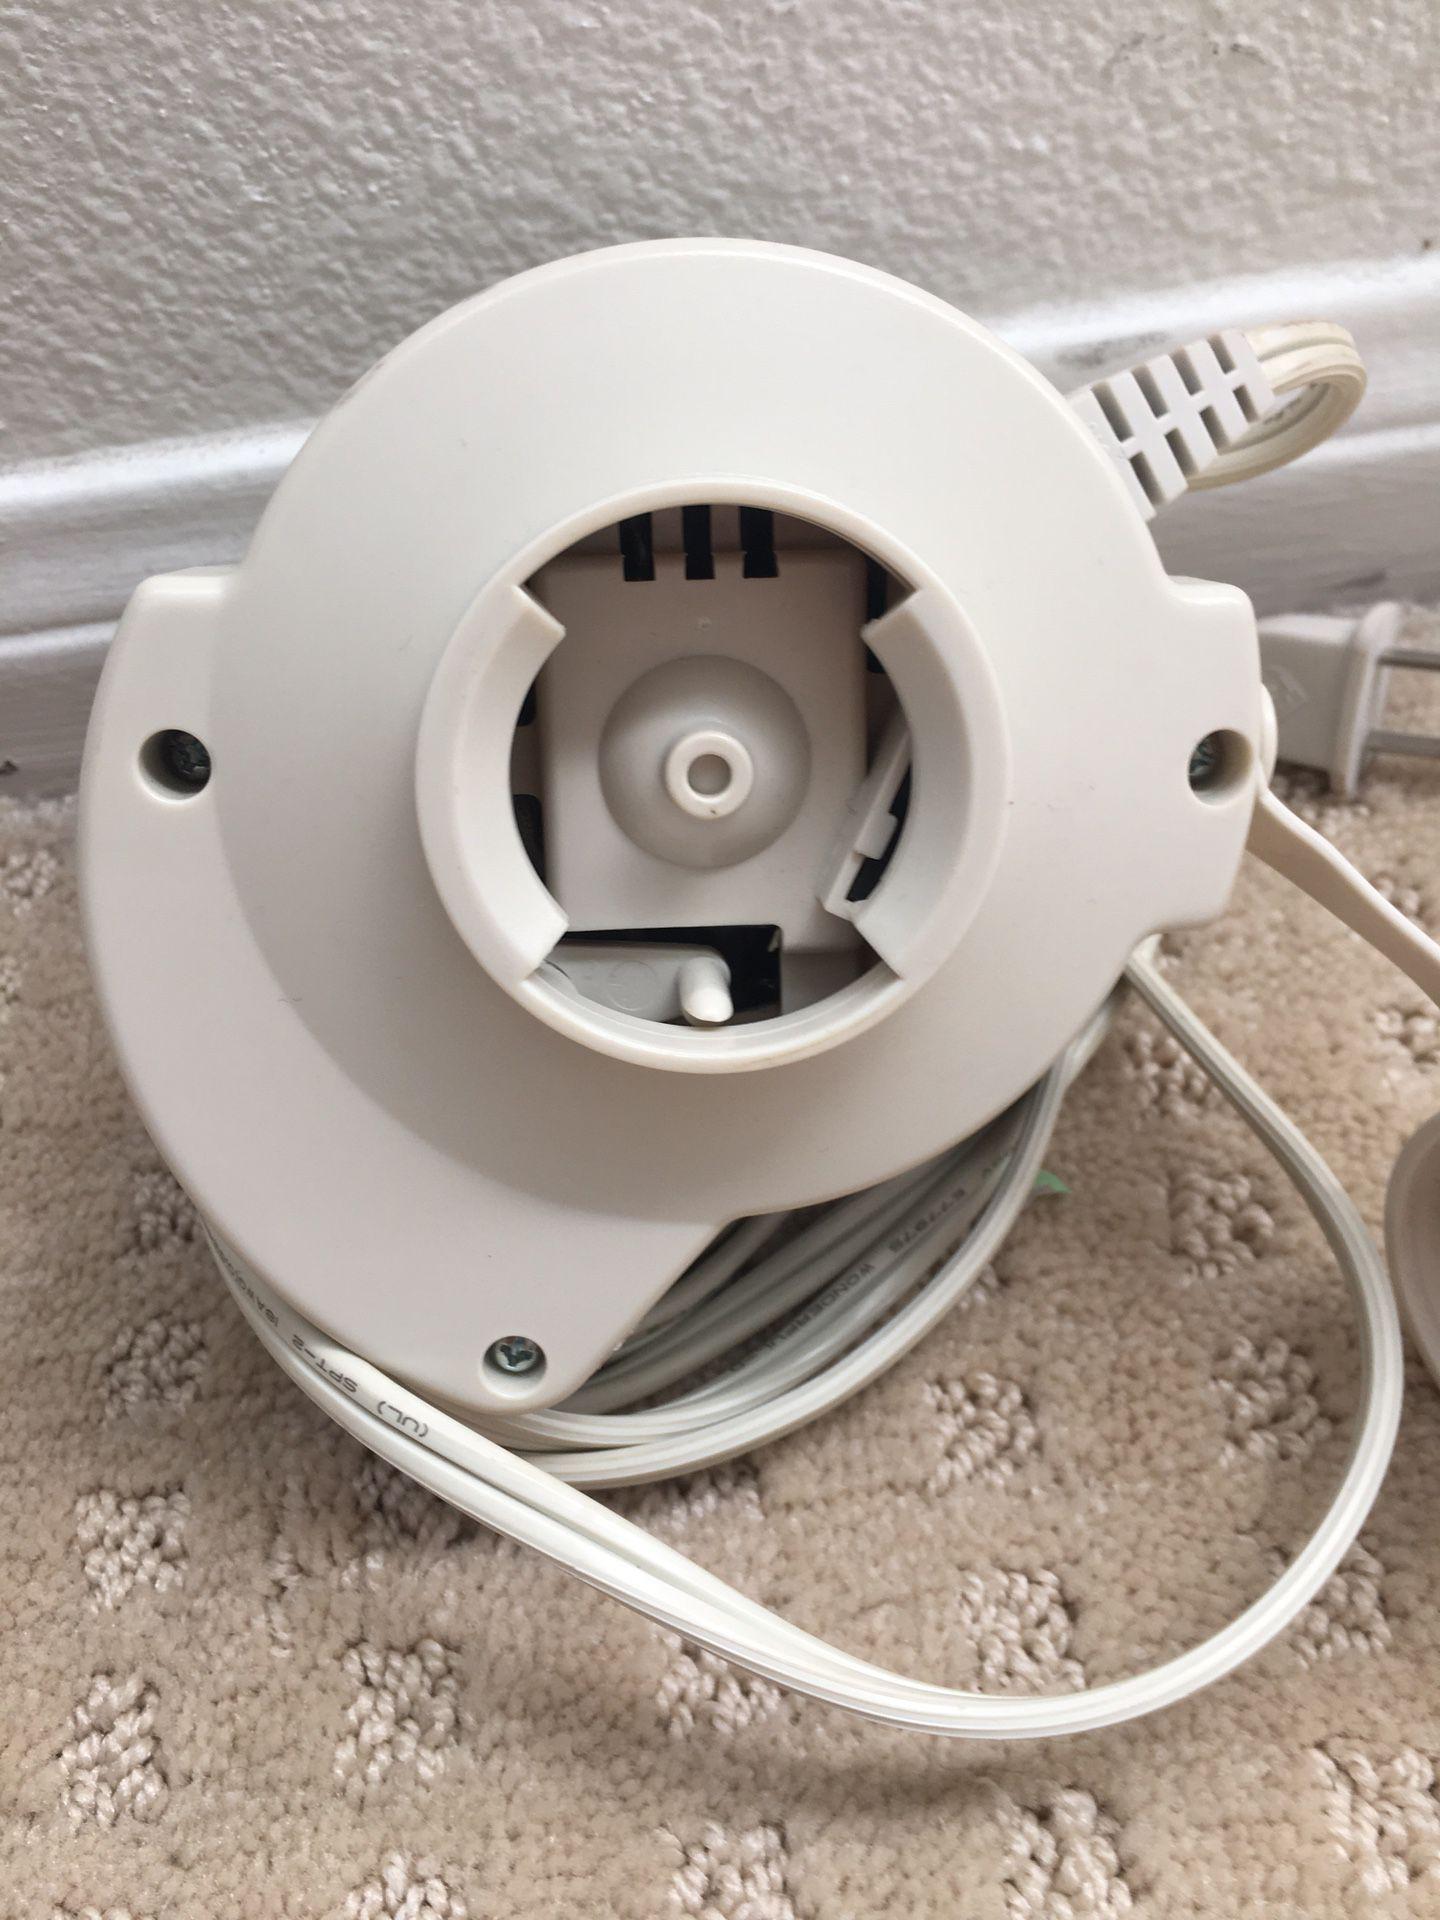 Aerobed Auto Air Mattress Pump